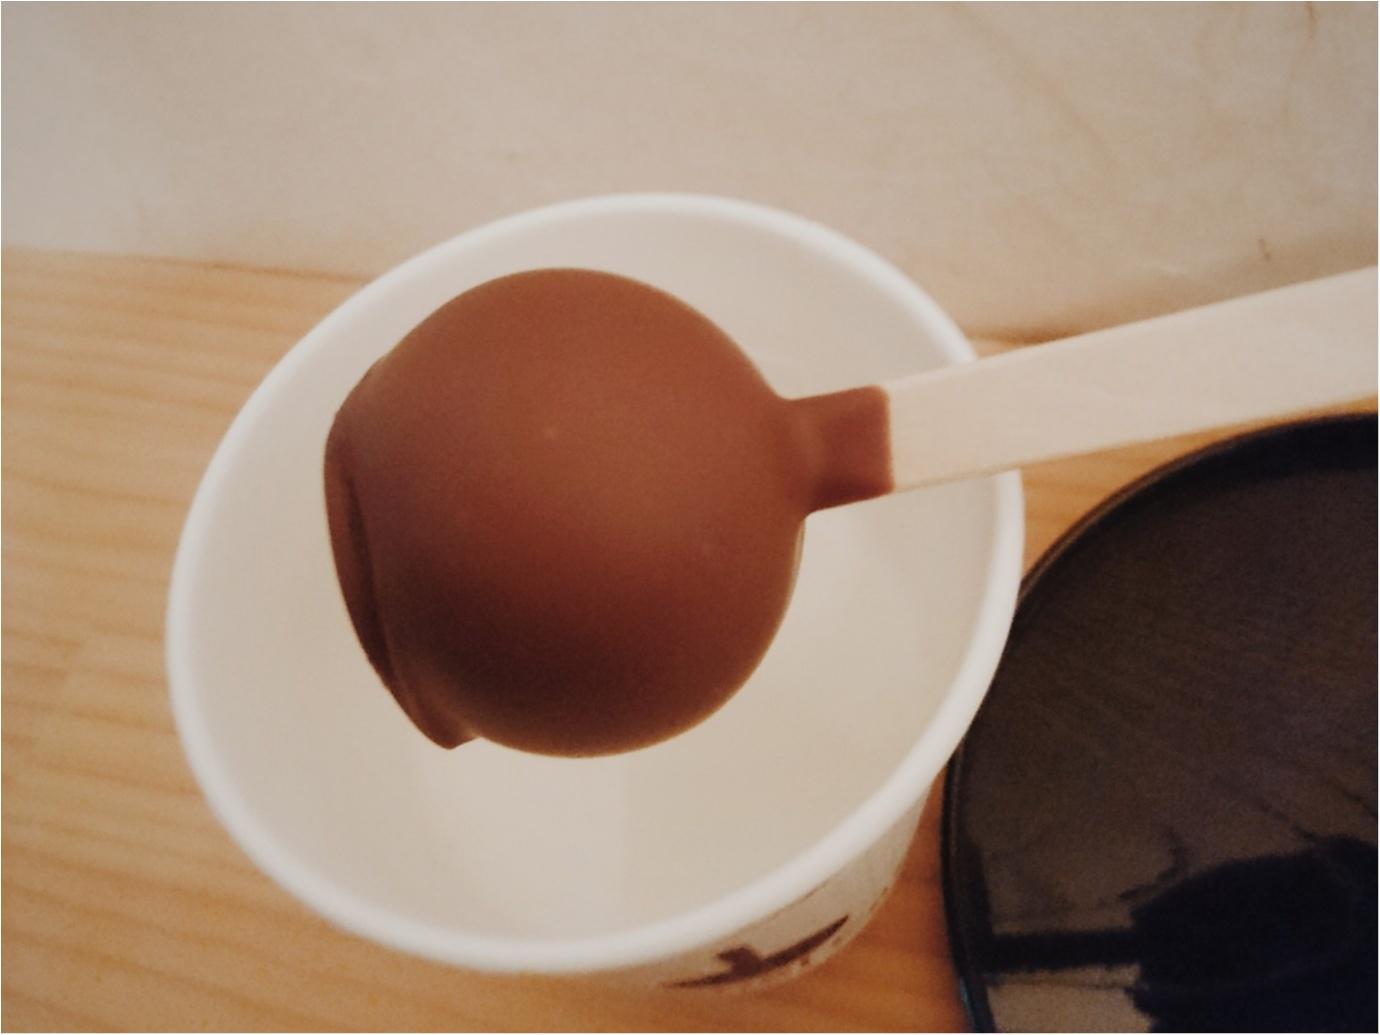 【グルメ】冬の季節にぴったり ◎ 濃厚なチョコレートをホットミルクに溶かして食べる、新感覚スイーツ『ホットスティックチョコレート』@鎌倉_5